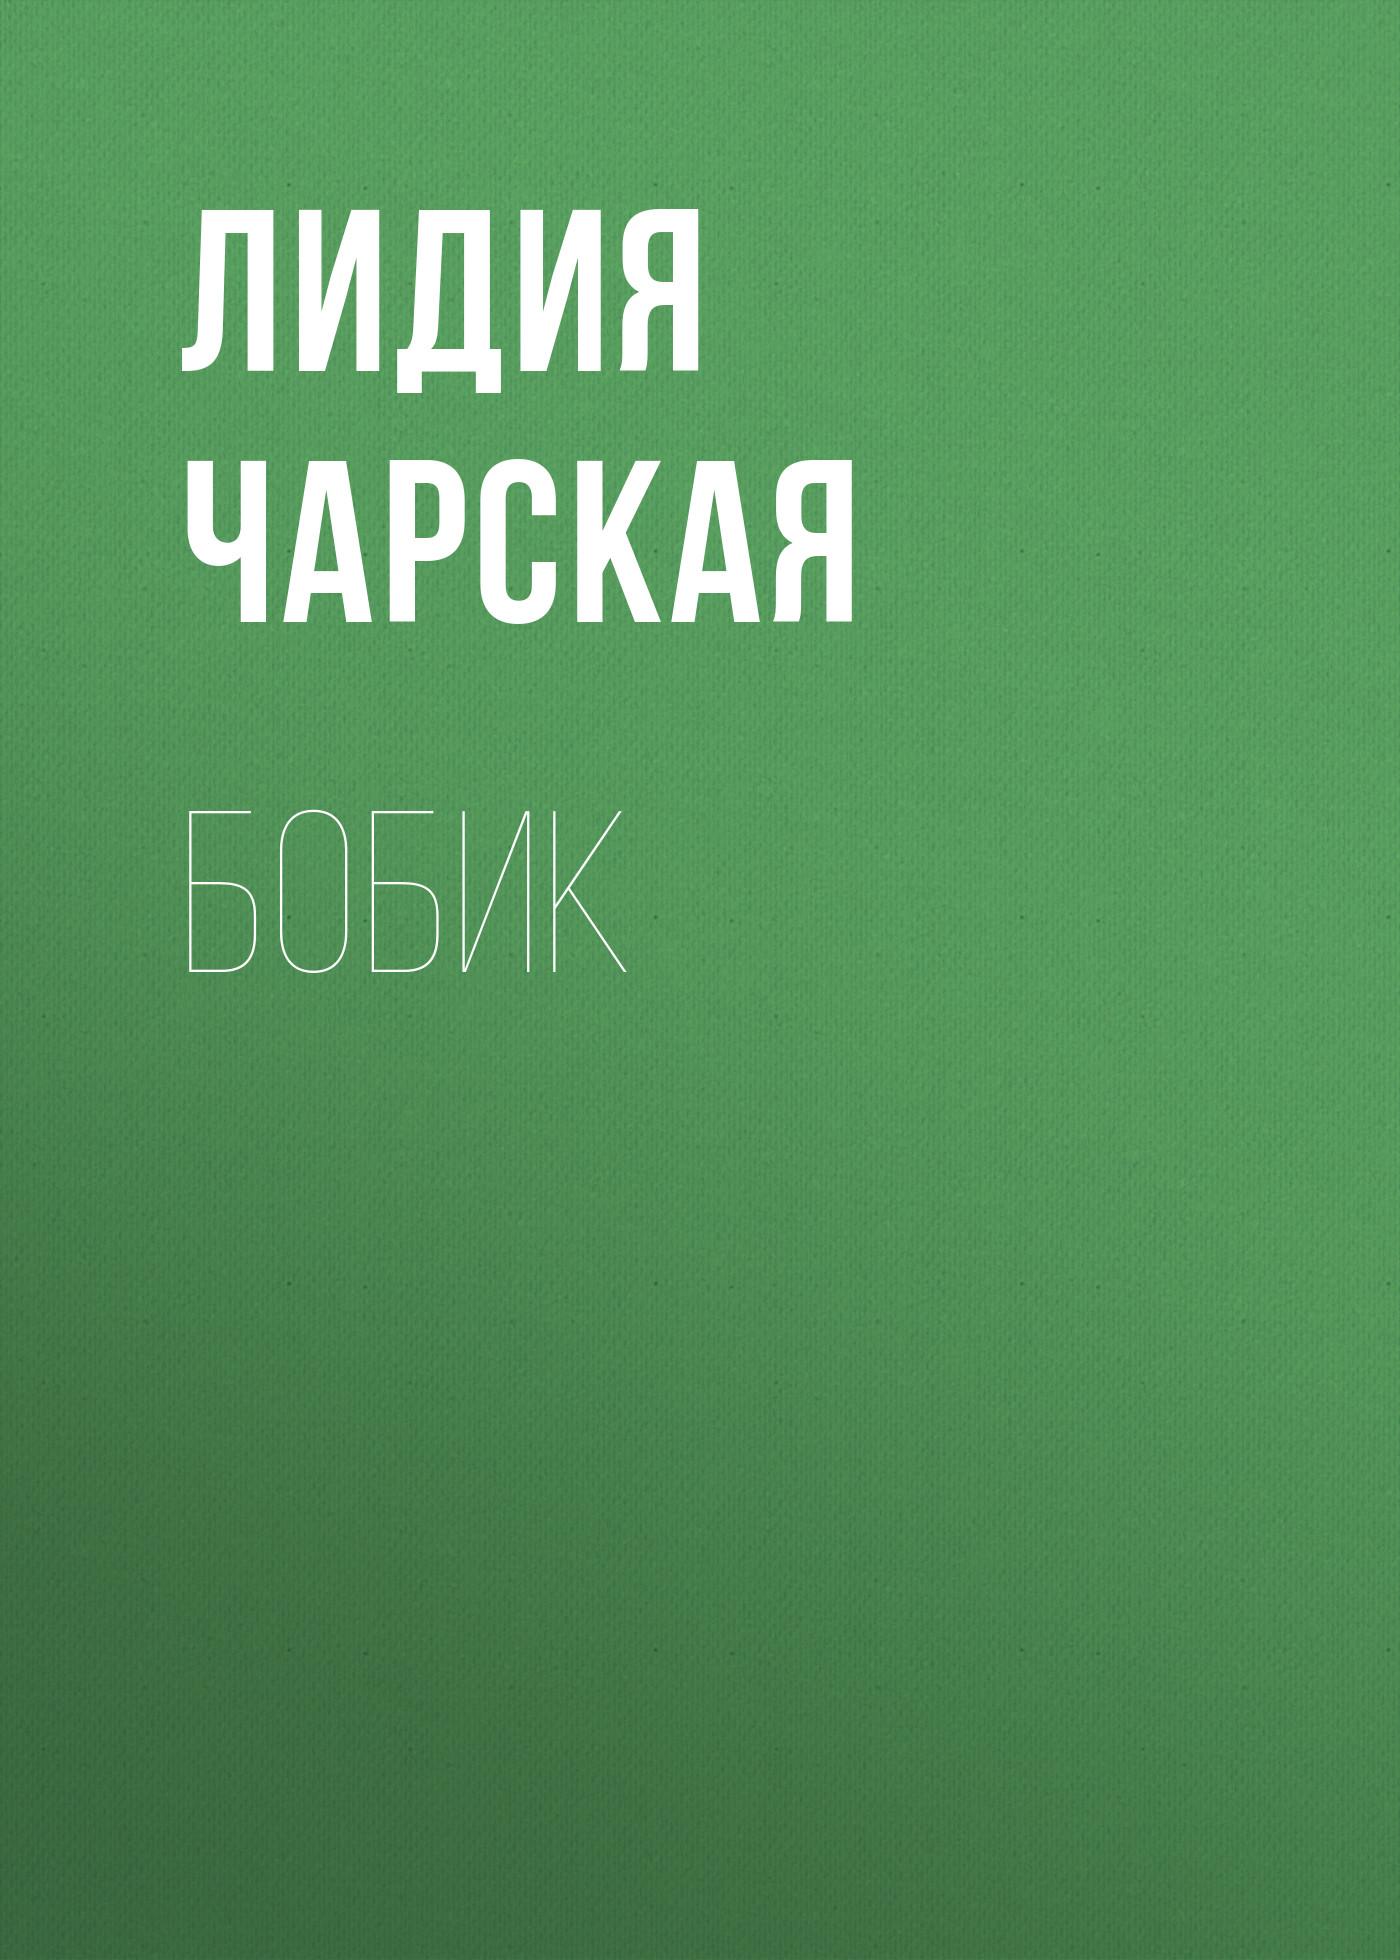 Бобик